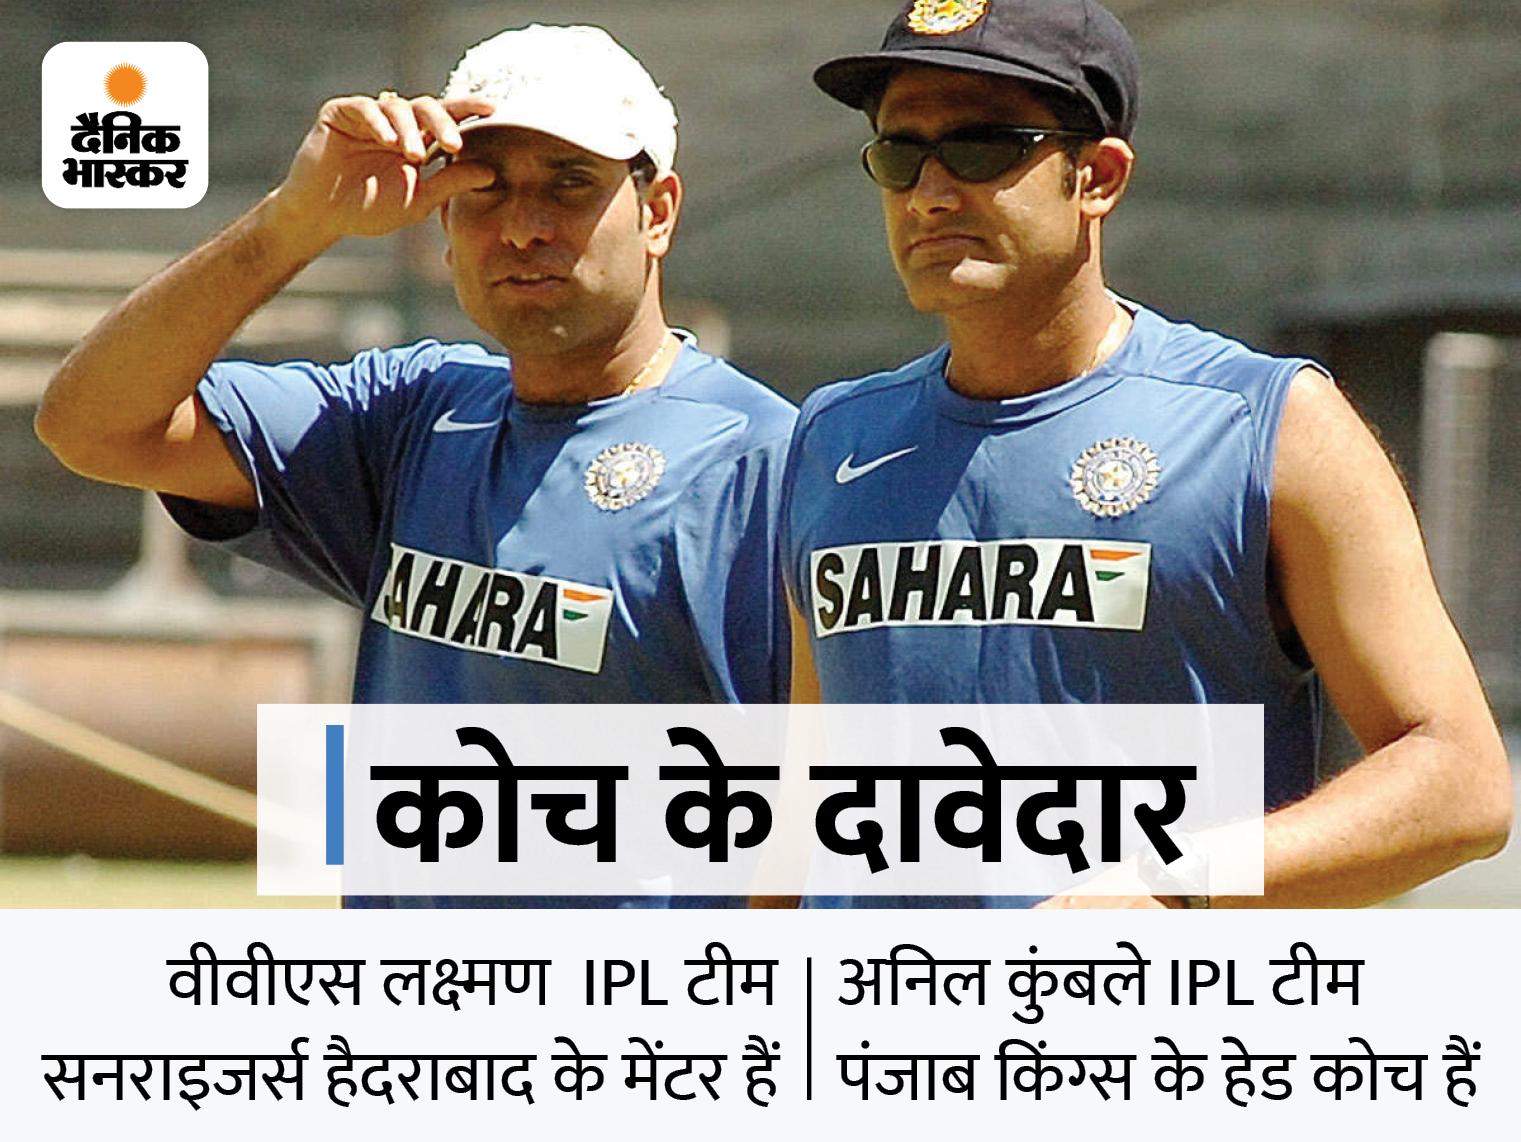 टी-20 वर्ल्ड कप के बाद कुंबले या लक्ष्मण को मिल सकती है जिम्मेदारी, इस बार नहीं चलेगी विराट की मर्जी|क्रिकेट,Cricket - Dainik Bhaskar